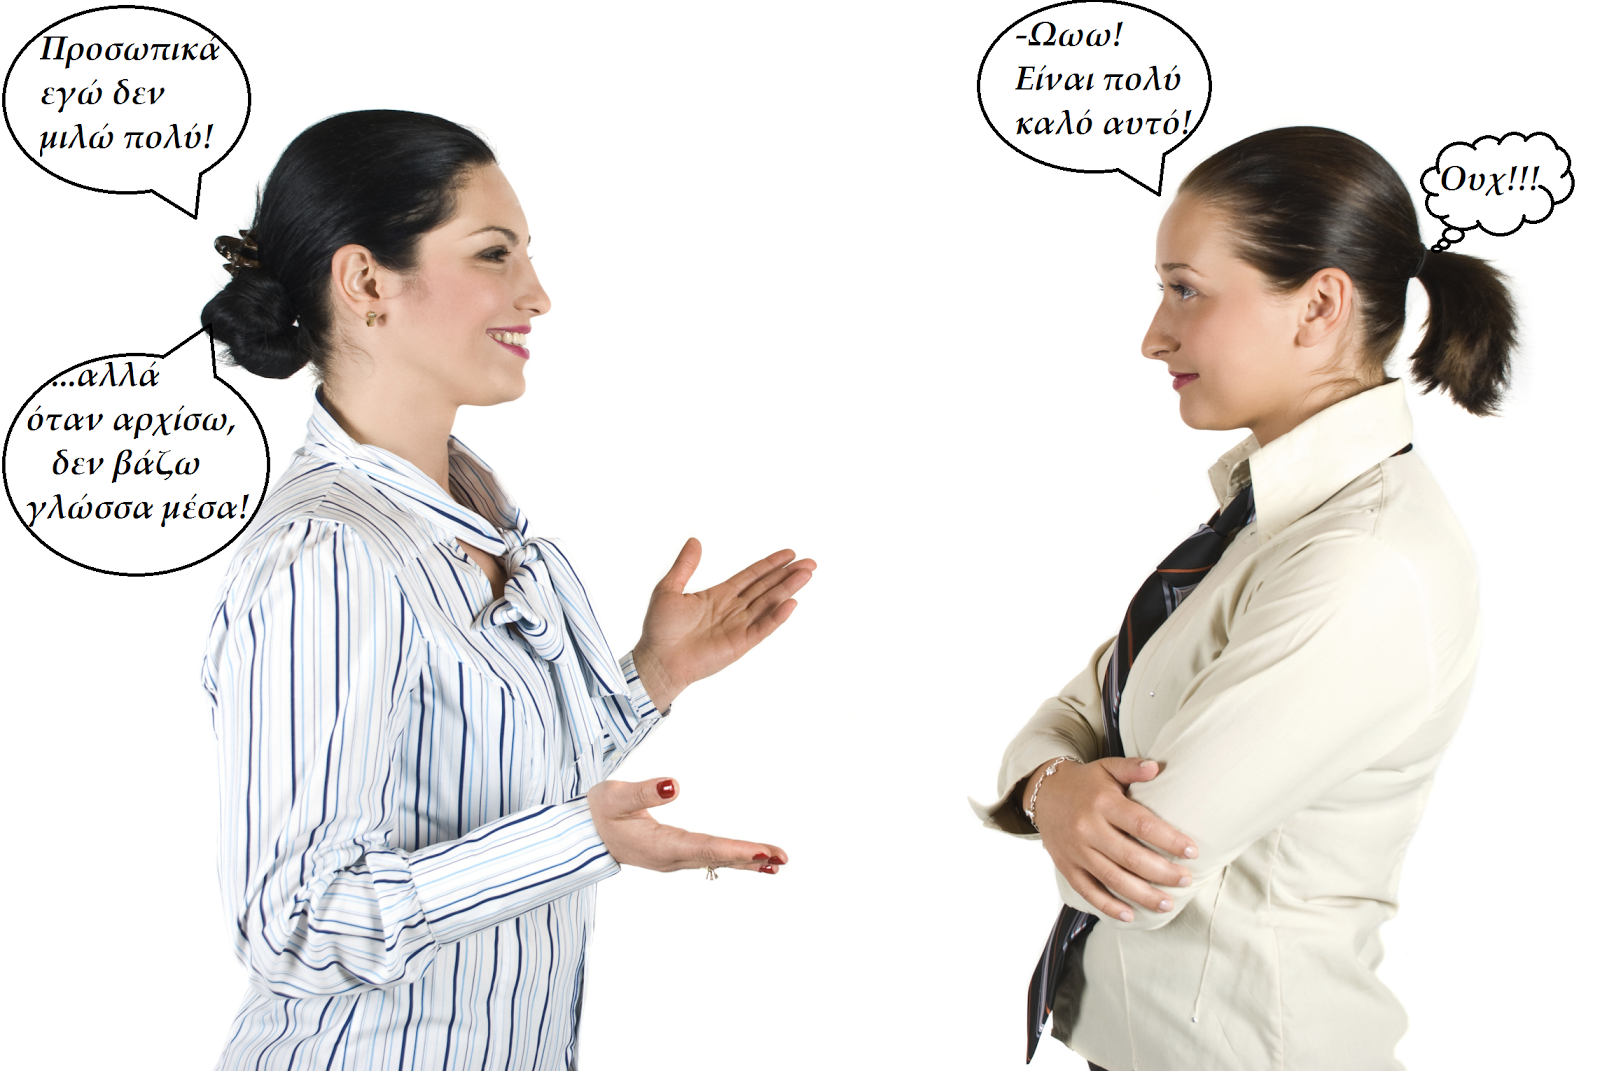 Έχουν πρόβλημα οι άνθρωποι που μιλούν και επεξηγούν υπερβολικά.